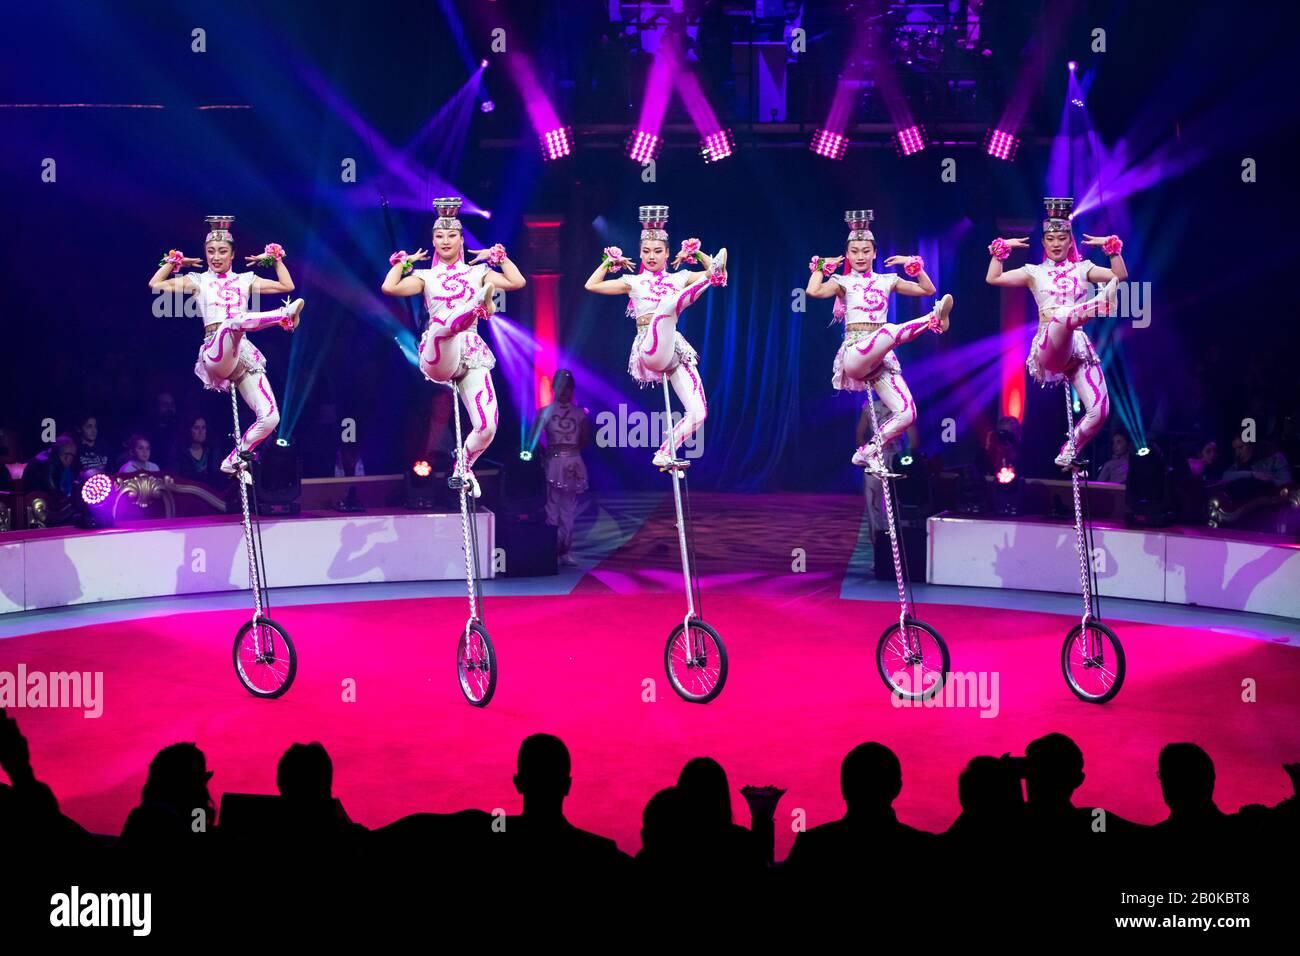 Girona, SPAGNA - 17 FEBBRAIO: La Troupe acrobatica cinese di Yinchuan della Cina esibiscono unicicli durante il Festival Internazionale del Circo Elefant d'Or al Parc Foto Stock